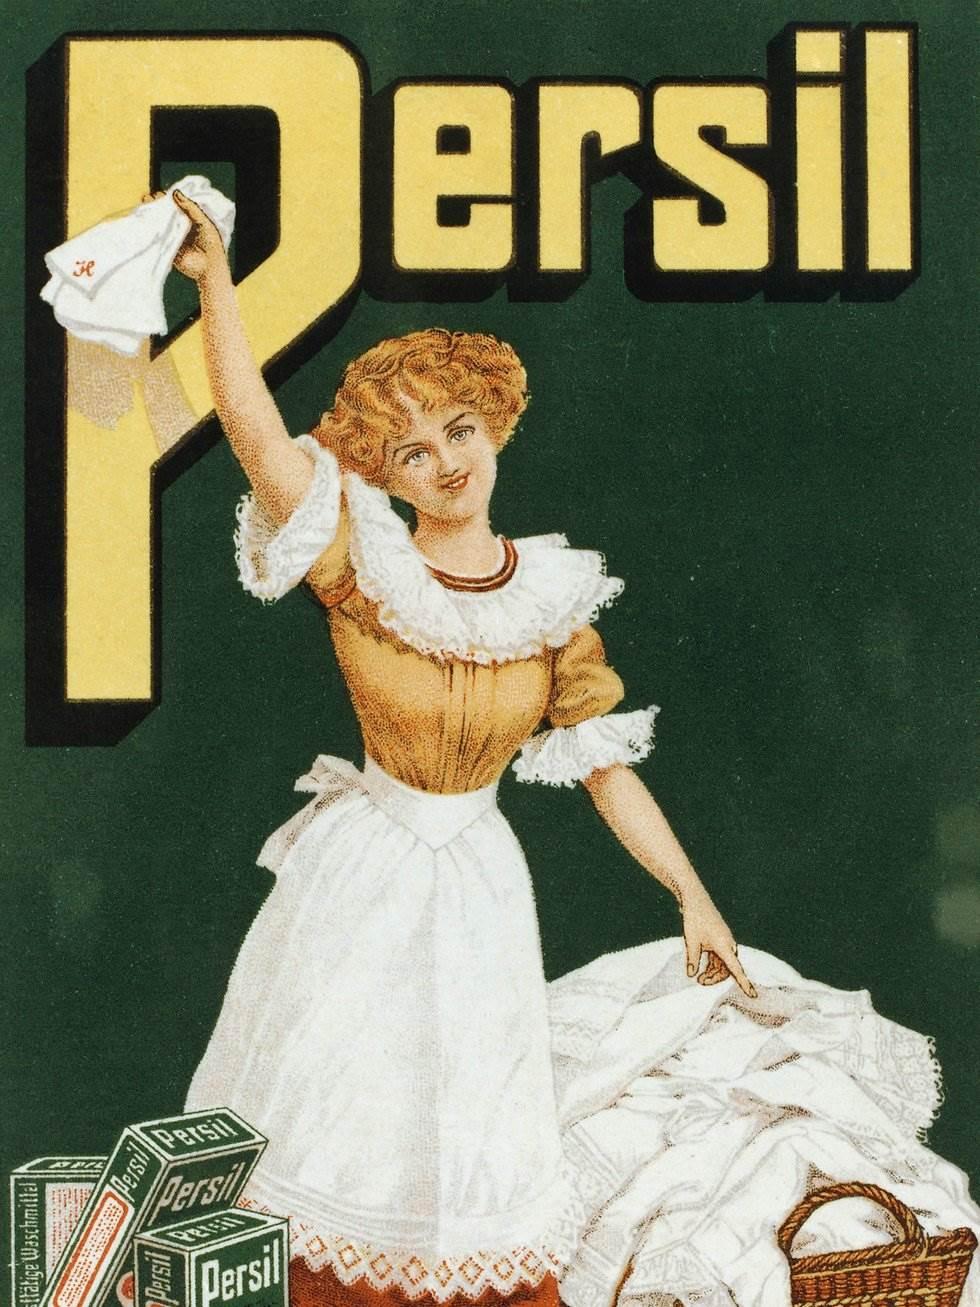 henkel-1908-persil-werbung-jpg